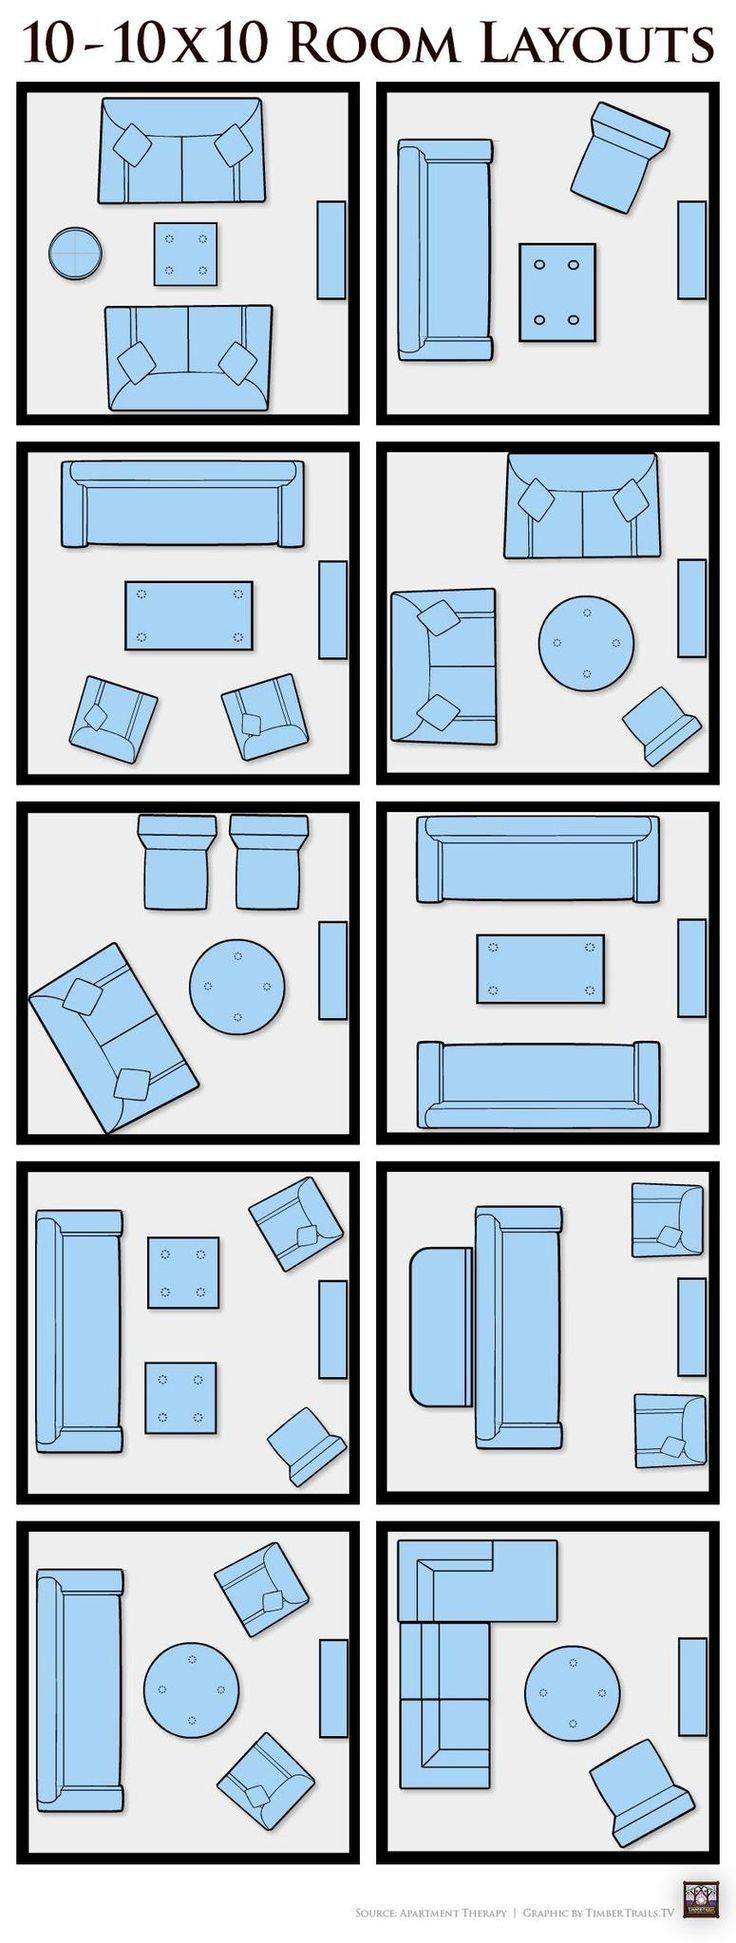 Genial Wohnzimmer Möbel Layout Beispiele